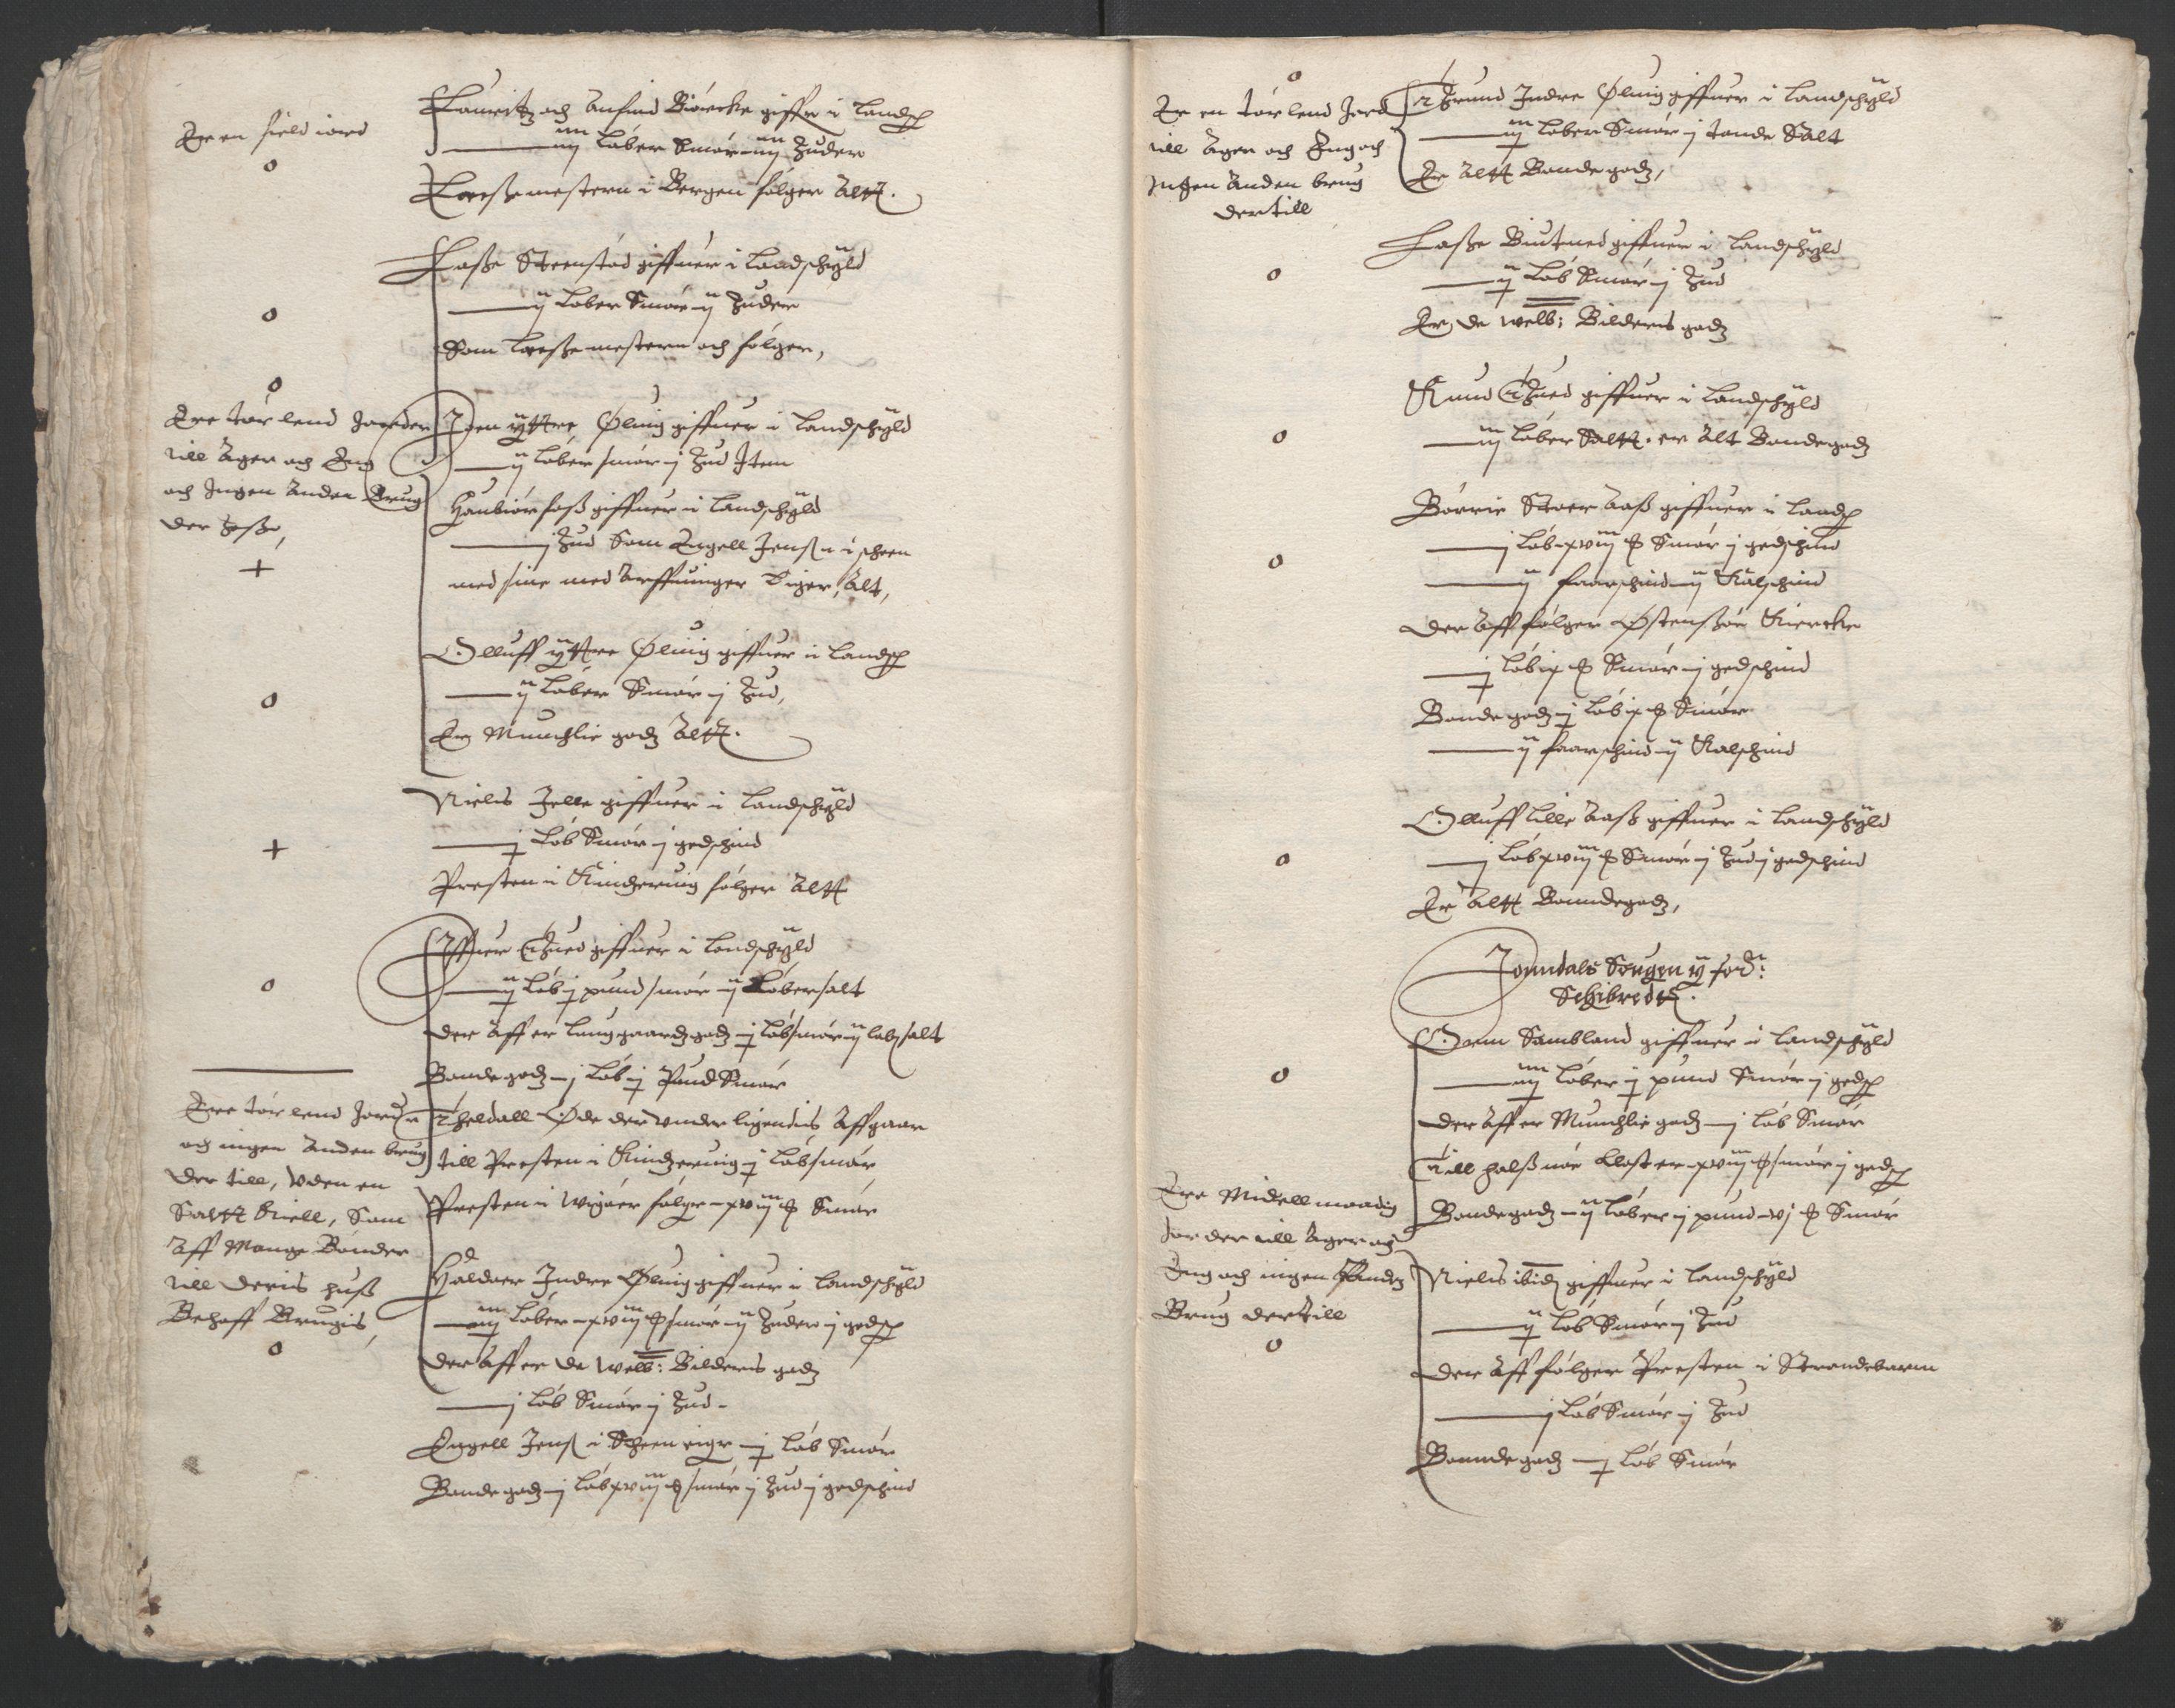 RA, Stattholderembetet 1572-1771, Ek/L0004: Jordebøker til utlikning av garnisonsskatt 1624-1626:, 1626, s. 260